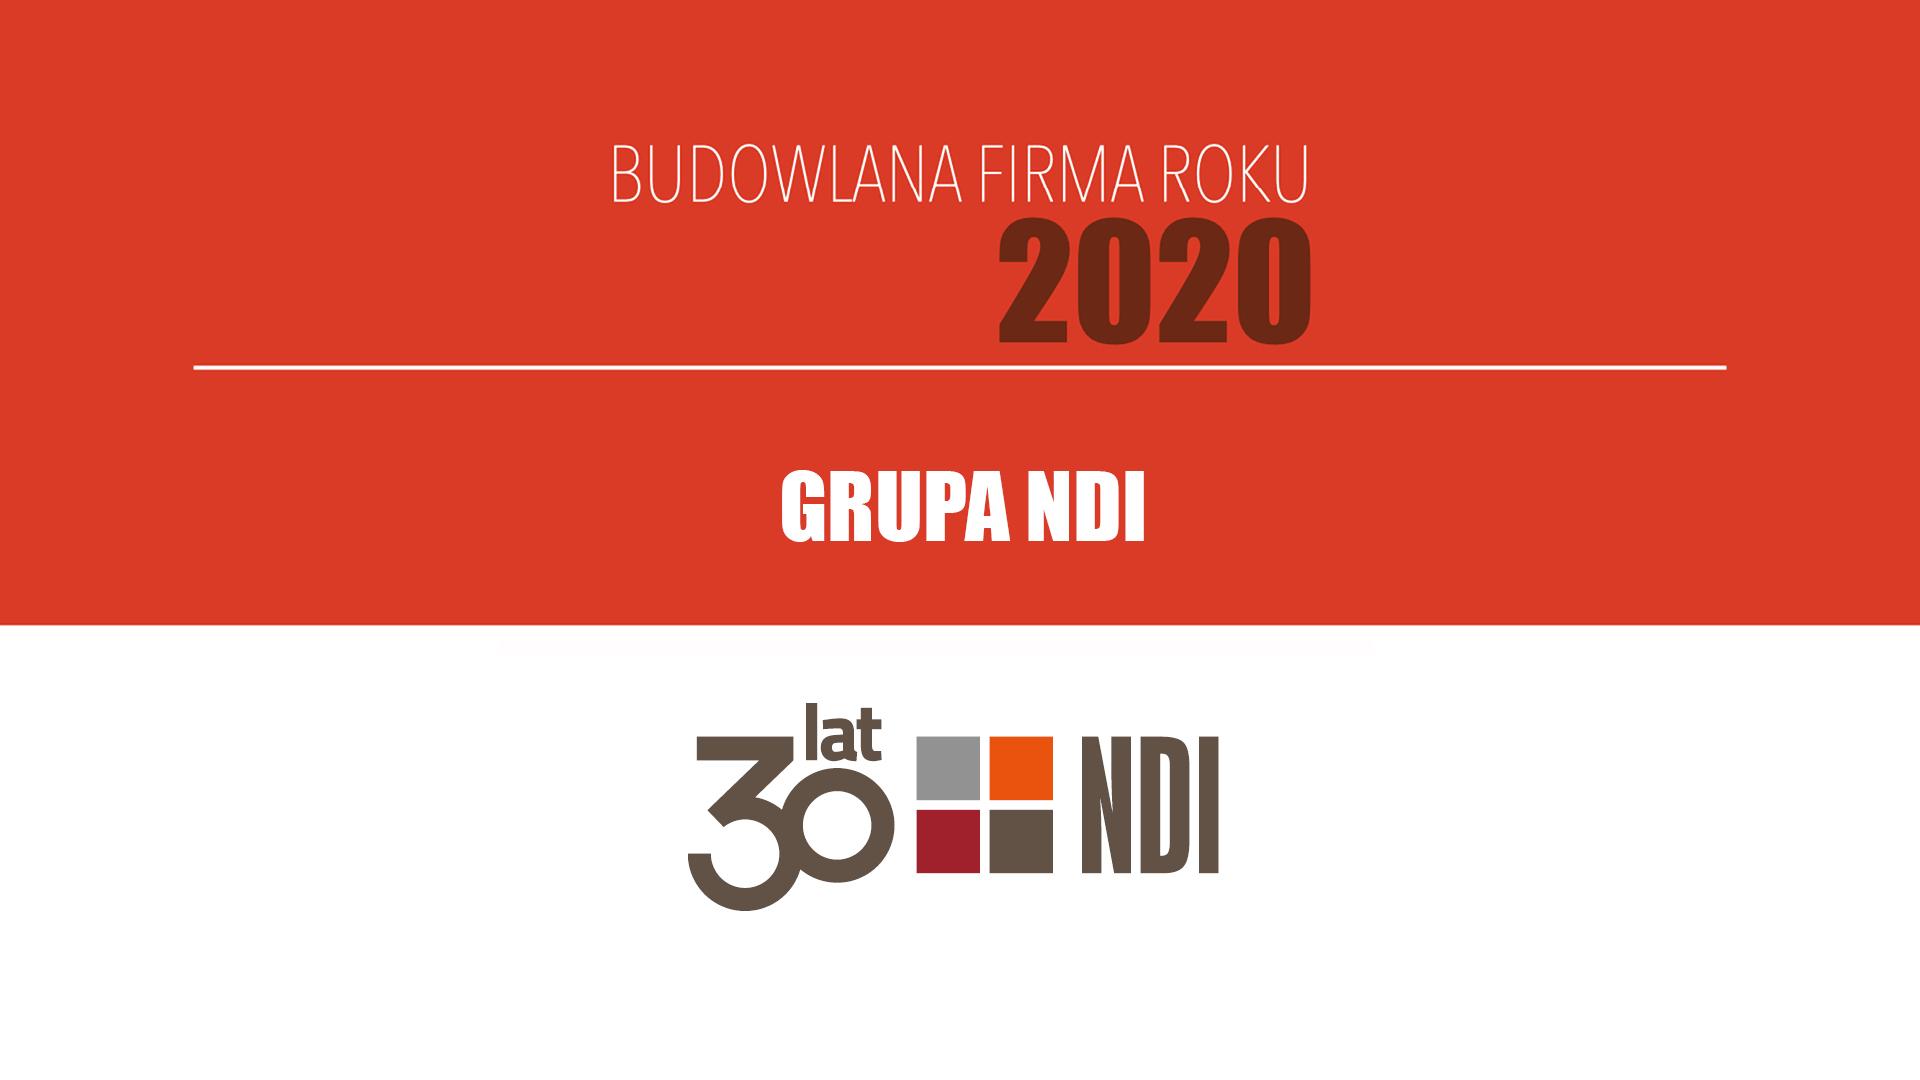 GRUPA NDI – Budowlana Firma Roku 2020